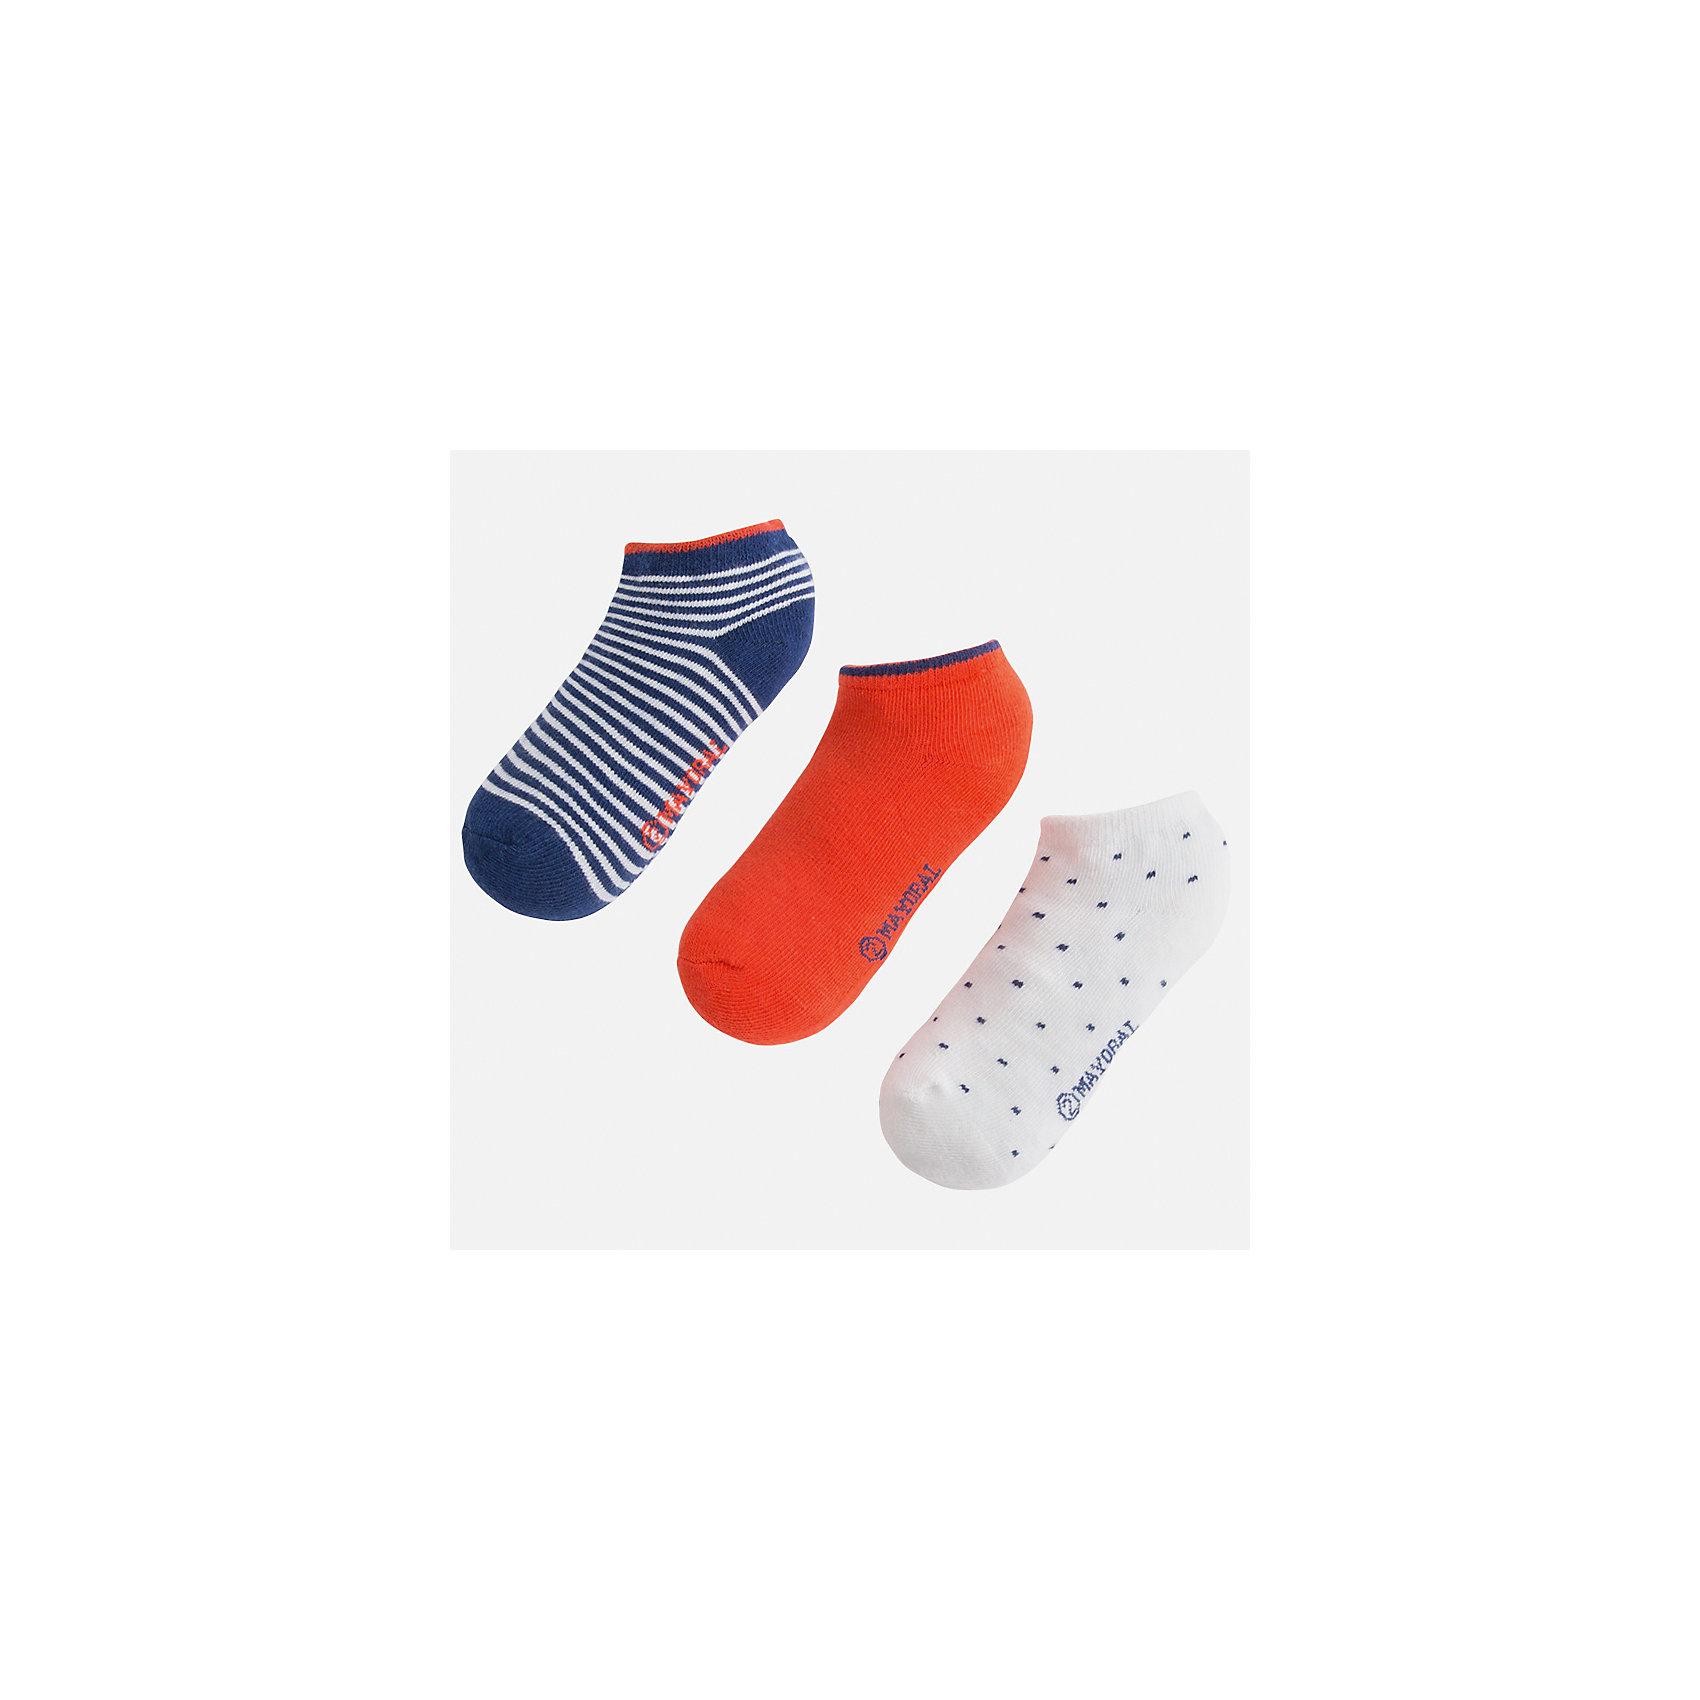 Носки (3 пары) для мальчика MayoralХарактеристики товара:<br><br>• цвет: красный/белый/синий<br>• состав: 72% хлопок, 25% полиамид, 3% эластан<br>• комплектация: три пары<br>• мягкая резинка<br>• эластичный материал<br>• декорированы рисунком<br>• страна бренда: Испания<br><br>Удобные симпатичные носки для мальчика помогут обеспечить ребенку комфорт и дополнить наряд. Универсальный цвет позволяет надевать их под обувь разных расцветок. Носки удобно сидят на ноге и аккуратно смотрятся. Этот комплект - практичный и красивый! В составе материала - натуральный хлопок, гипоаллергенный, приятный на ощупь, дышащий. <br><br>Одежда, обувь и аксессуары от испанского бренда Mayoral полюбились детям и взрослым по всему миру. Модели этой марки - стильные и удобные. Для их производства используются только безопасные, качественные материалы и фурнитура. Порадуйте ребенка модными и красивыми вещами от Mayoral! <br><br>Носки (3 пары) для мальчика от испанского бренда Mayoral (Майорал) можно купить в нашем интернет-магазине.<br><br>Ширина мм: 87<br>Глубина мм: 10<br>Высота мм: 105<br>Вес г: 115<br>Цвет: красный<br>Возраст от месяцев: 72<br>Возраст до месяцев: 96<br>Пол: Мужской<br>Возраст: Детский<br>Размер: 8,2,4,6<br>SKU: 5294367